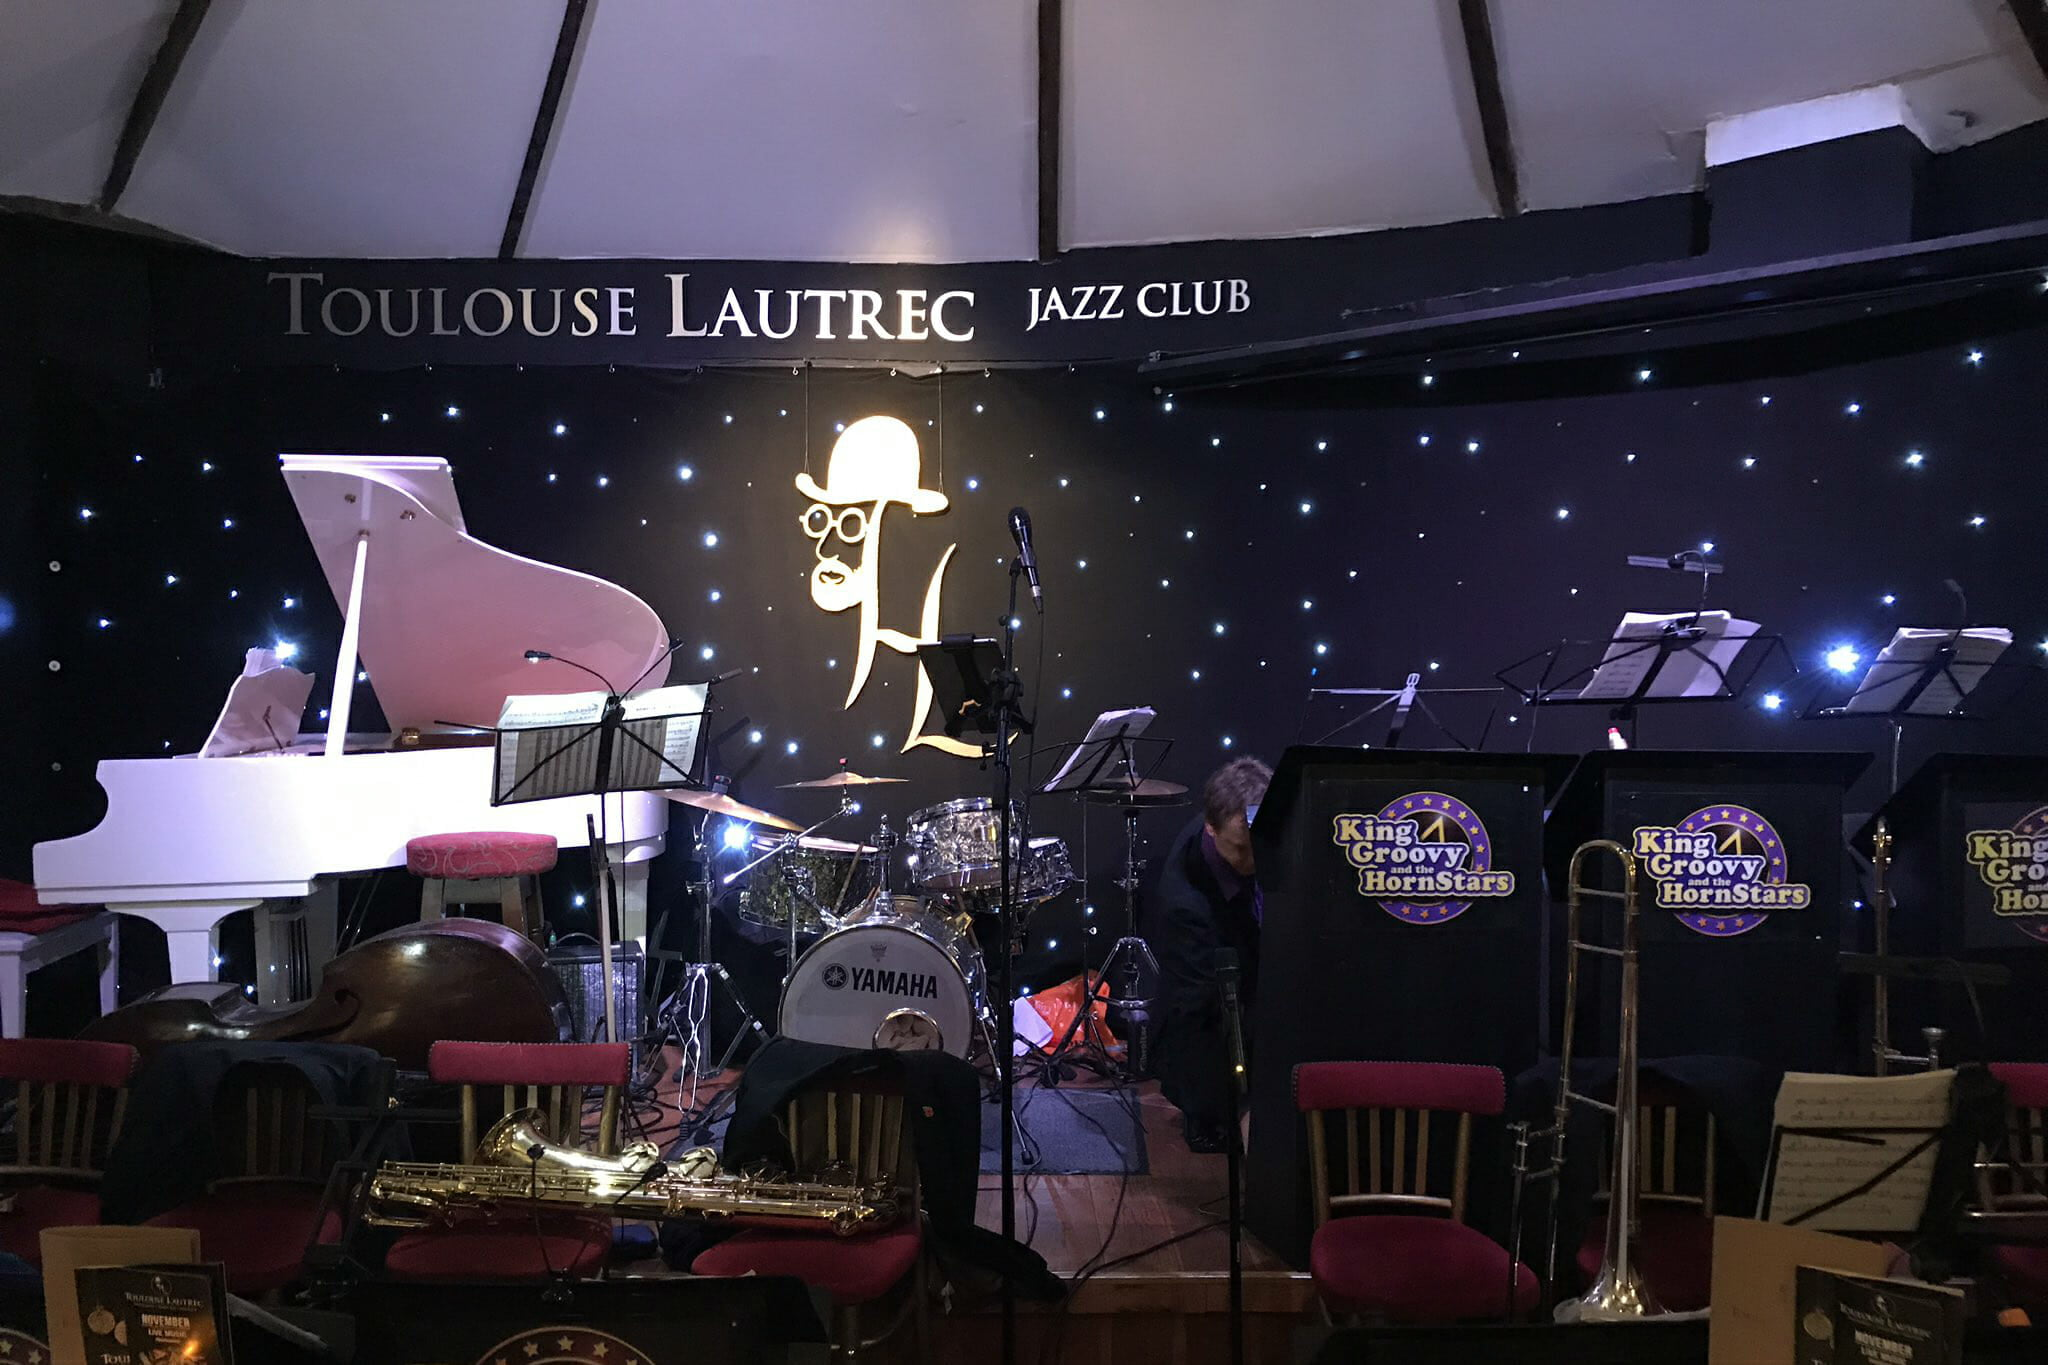 Toulouse Lautrec jazz bar